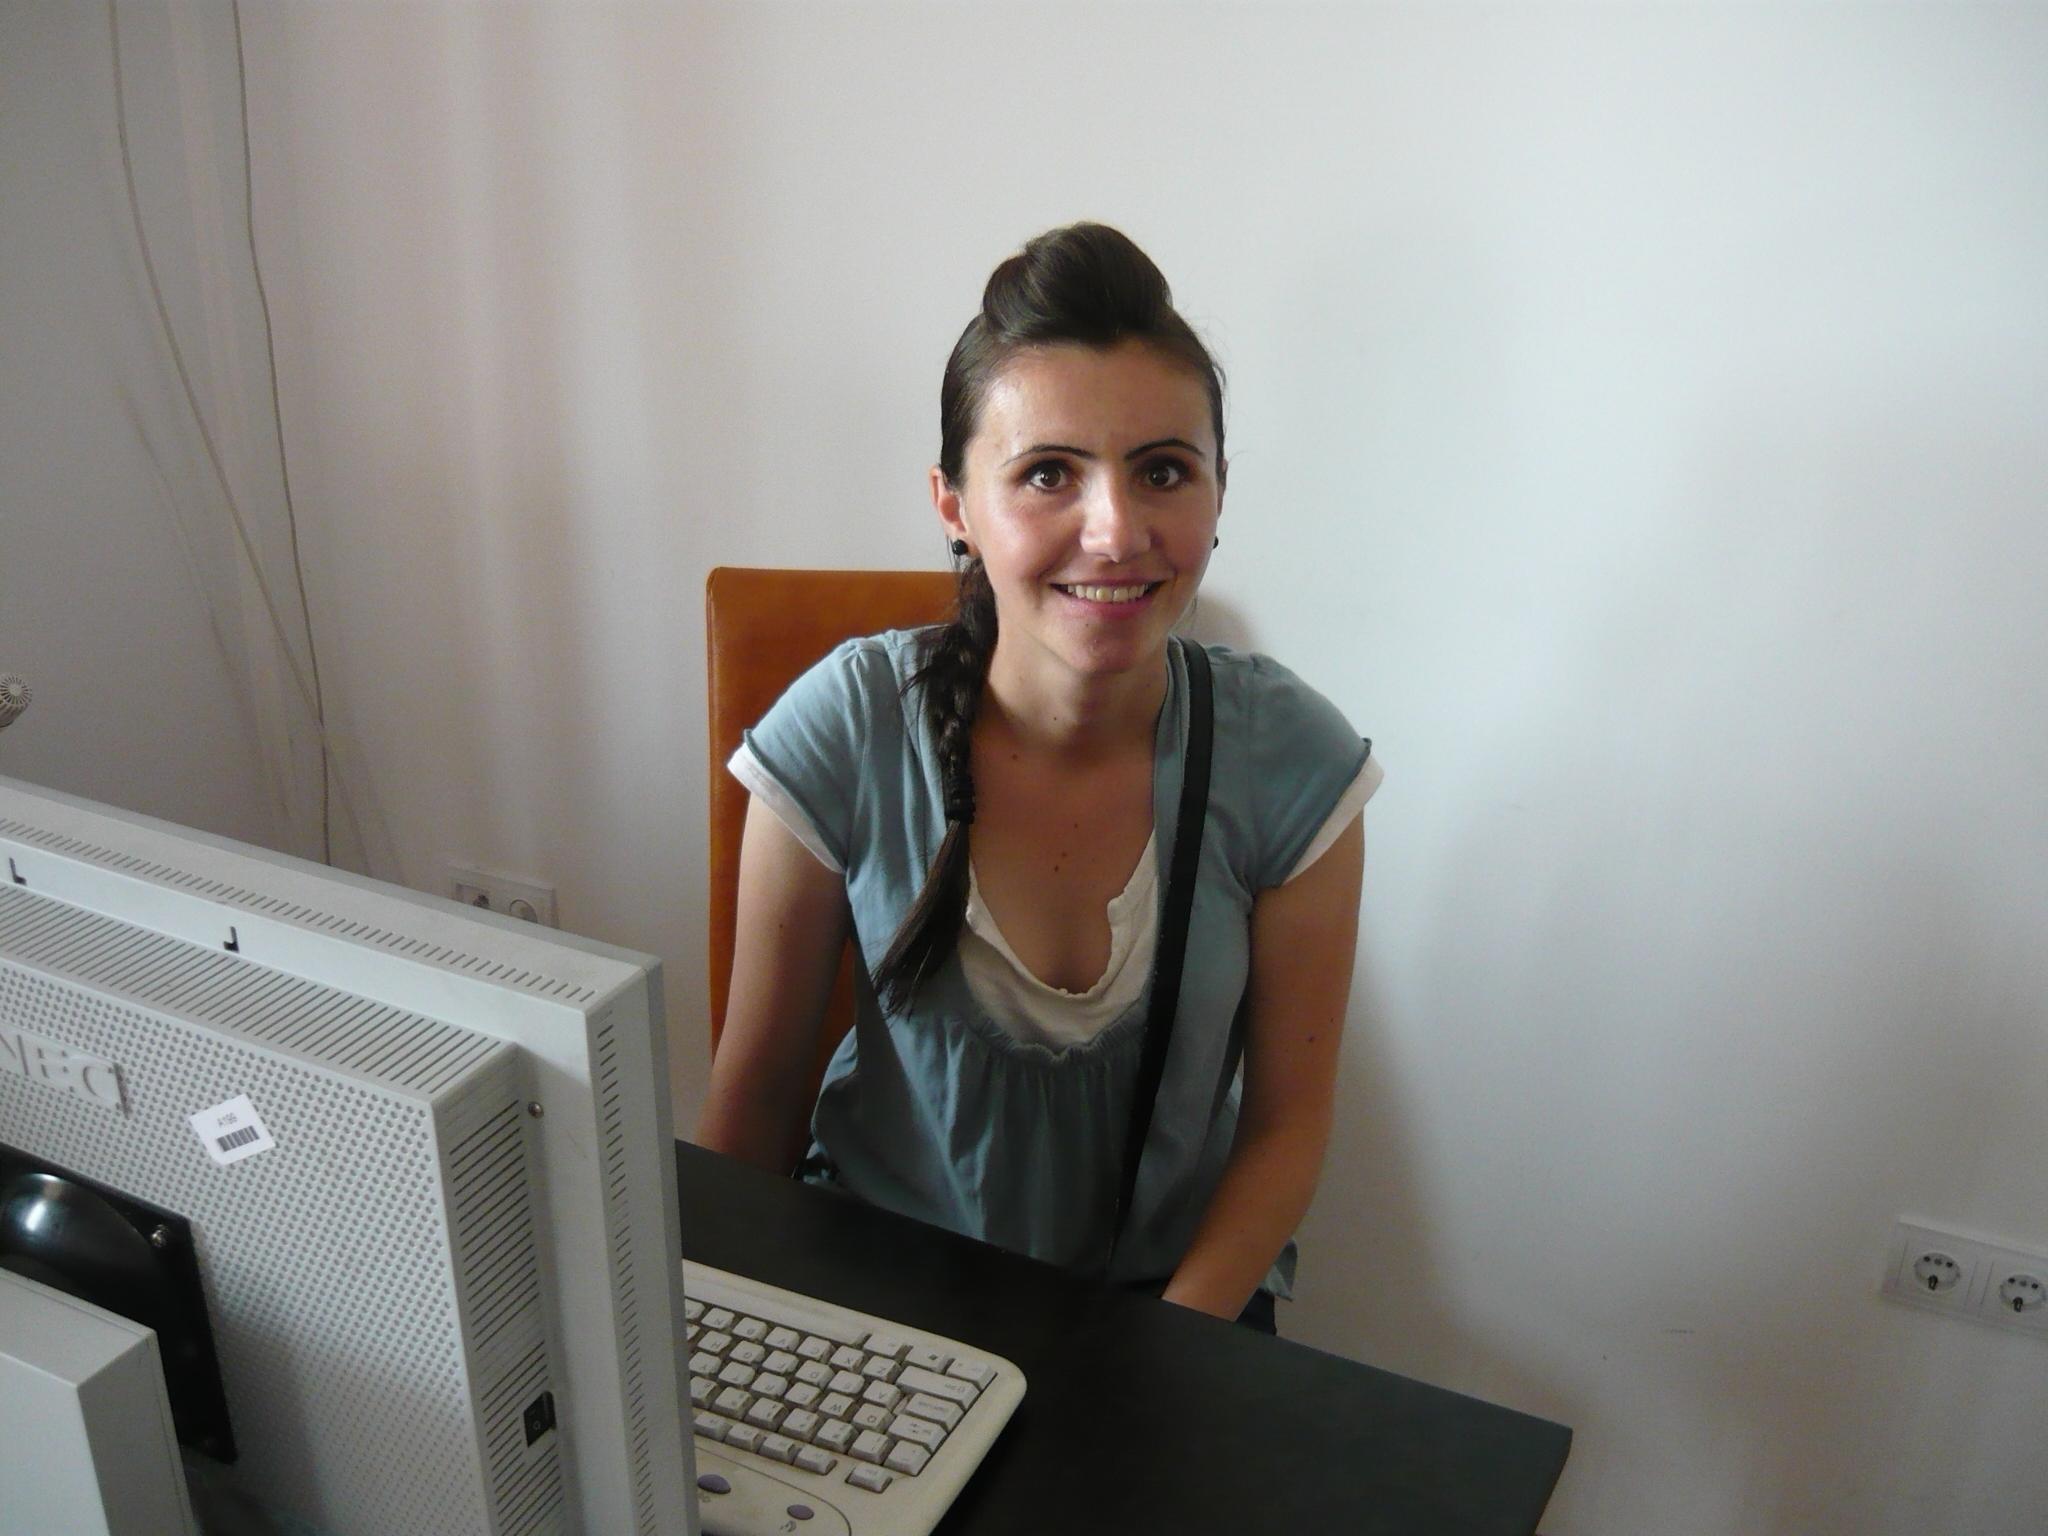 Andreea Gherghina Mateesti